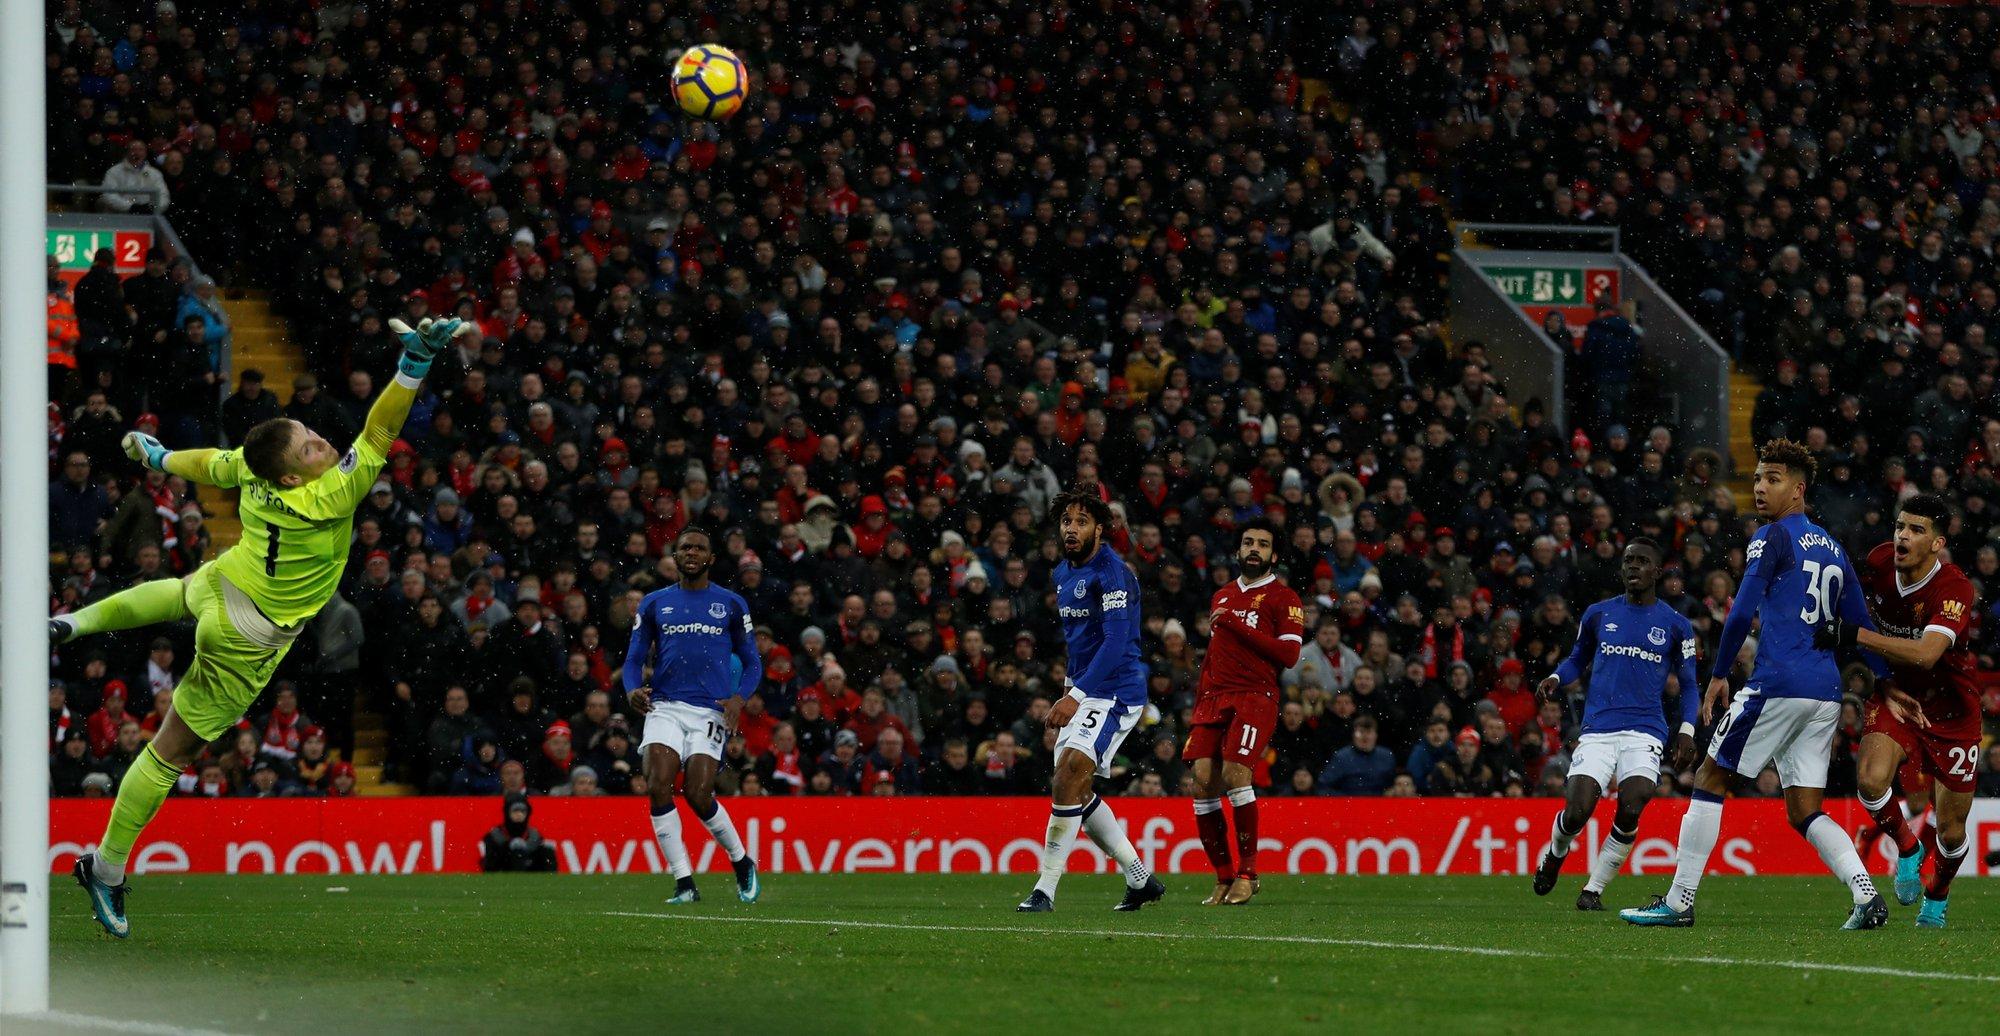 Esse golaço de Salah contra o Everton ganhou o prêmio Puskás! https://t.co/gIPjPqQHBj https://t.co/LSPZLDKXur